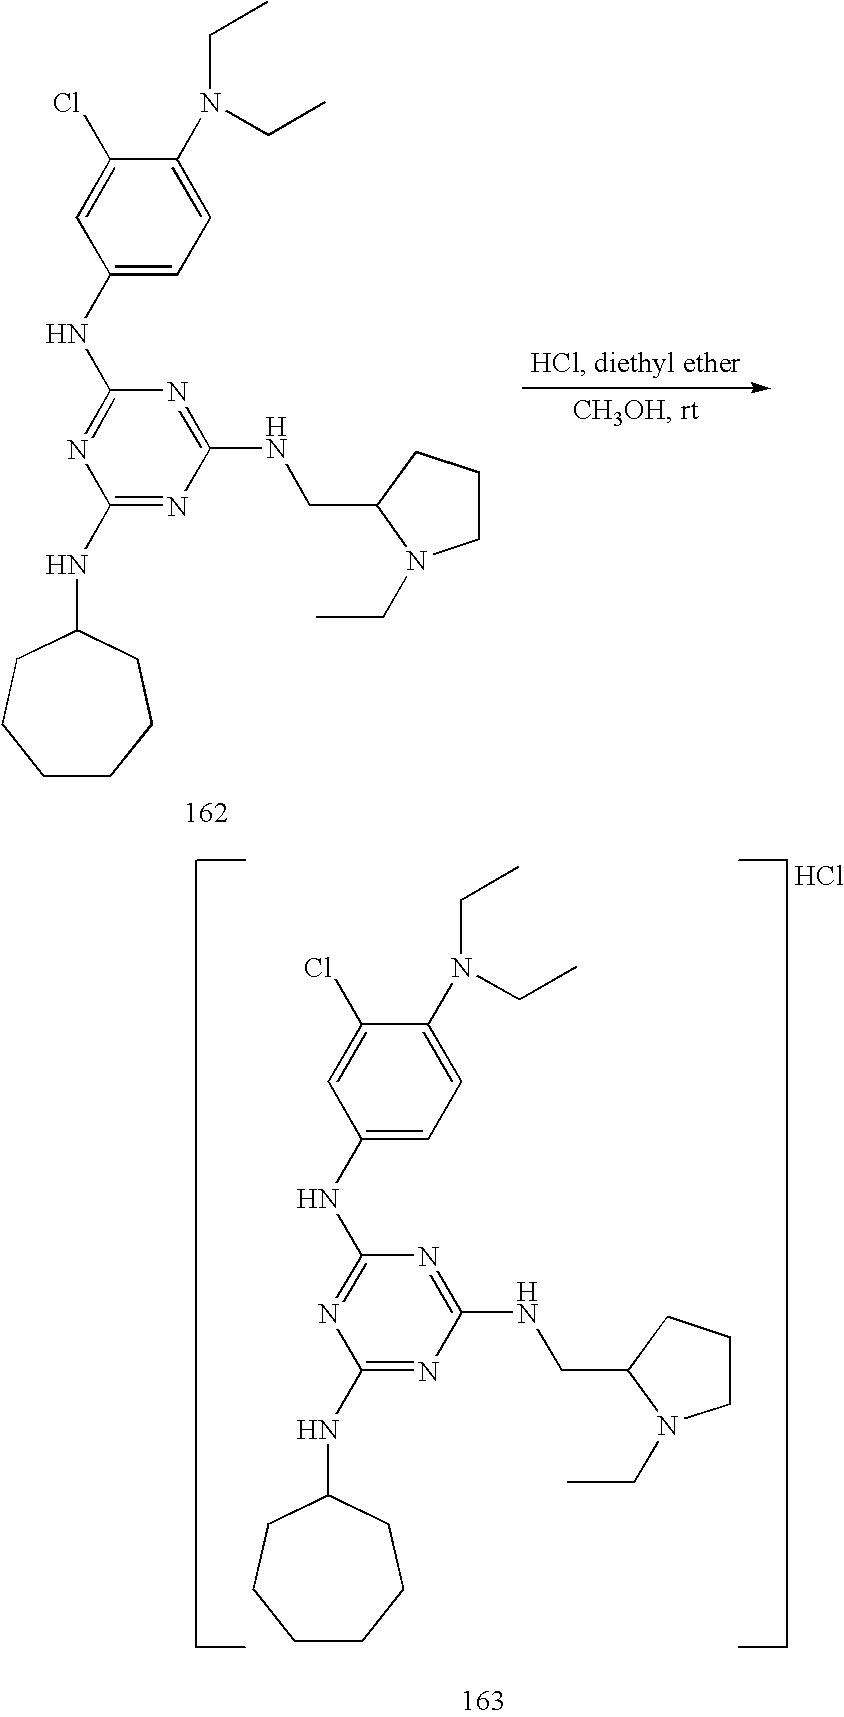 Figure US07112587-20060926-C00206